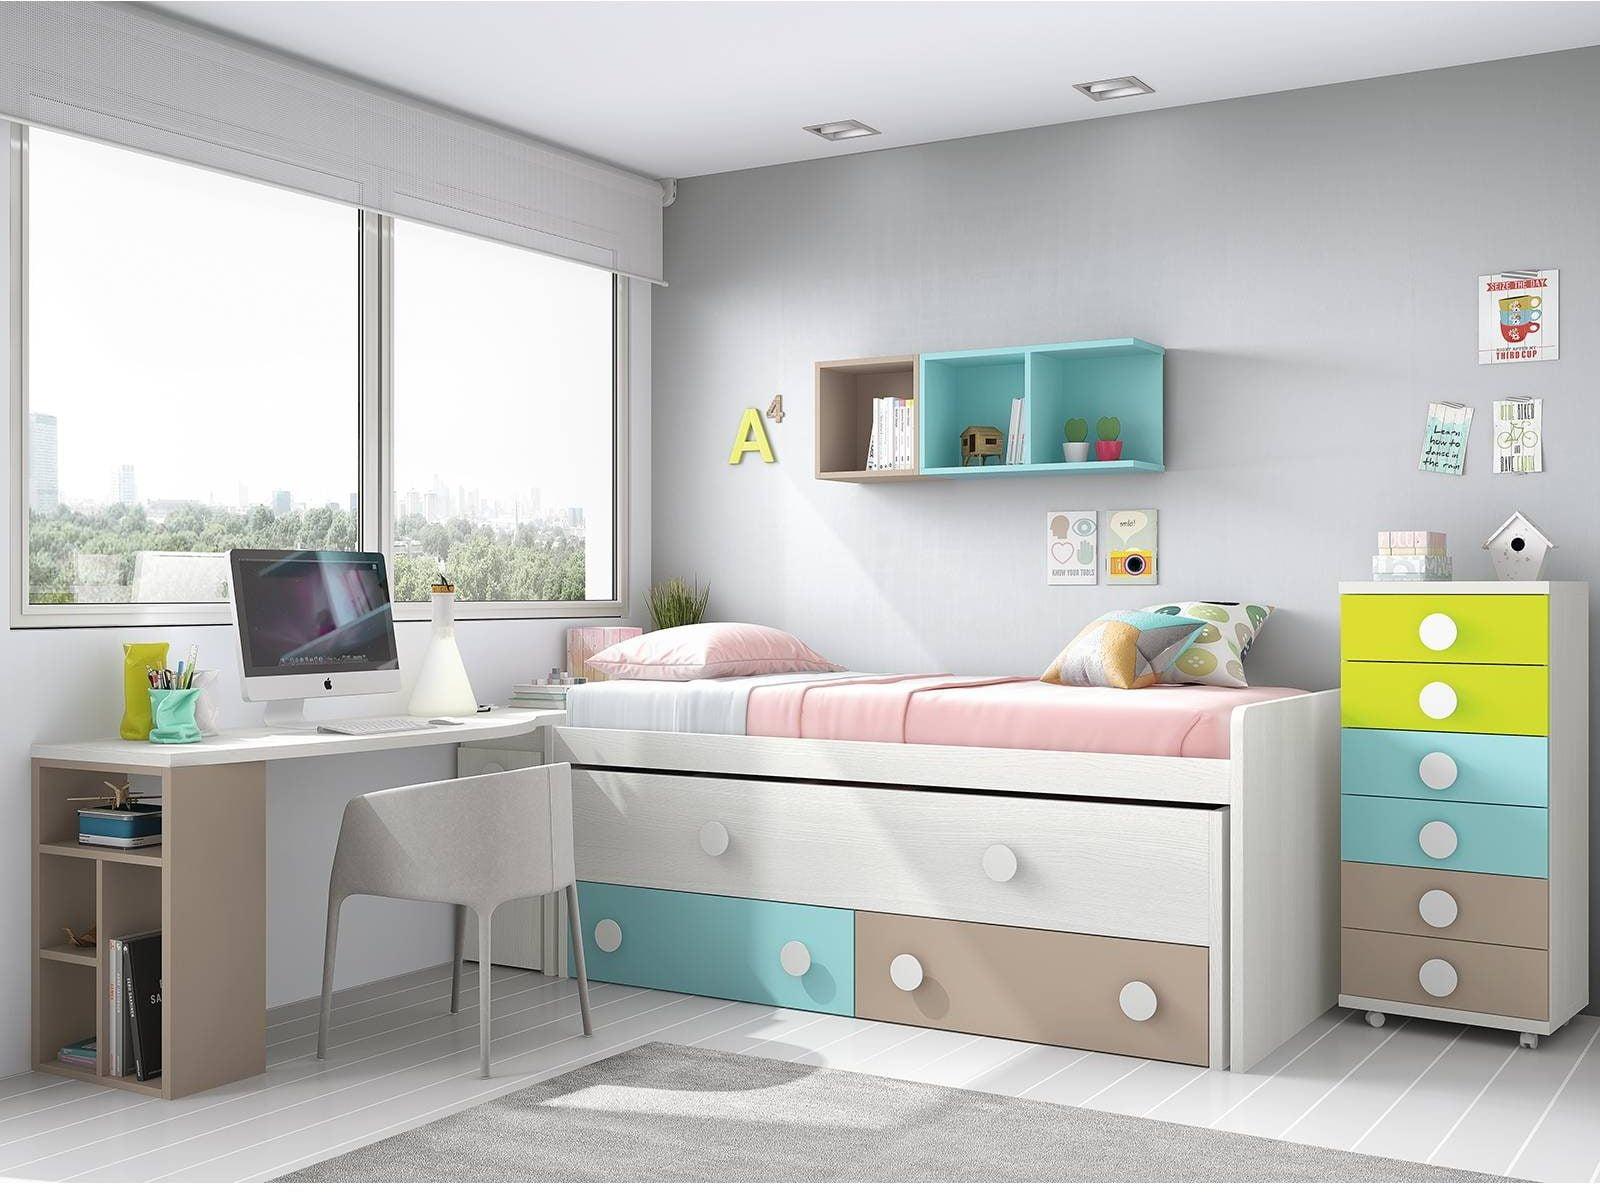 Los 5 mejores dormitorios juveniles con cama nido en for Cama nido con cajones ikea